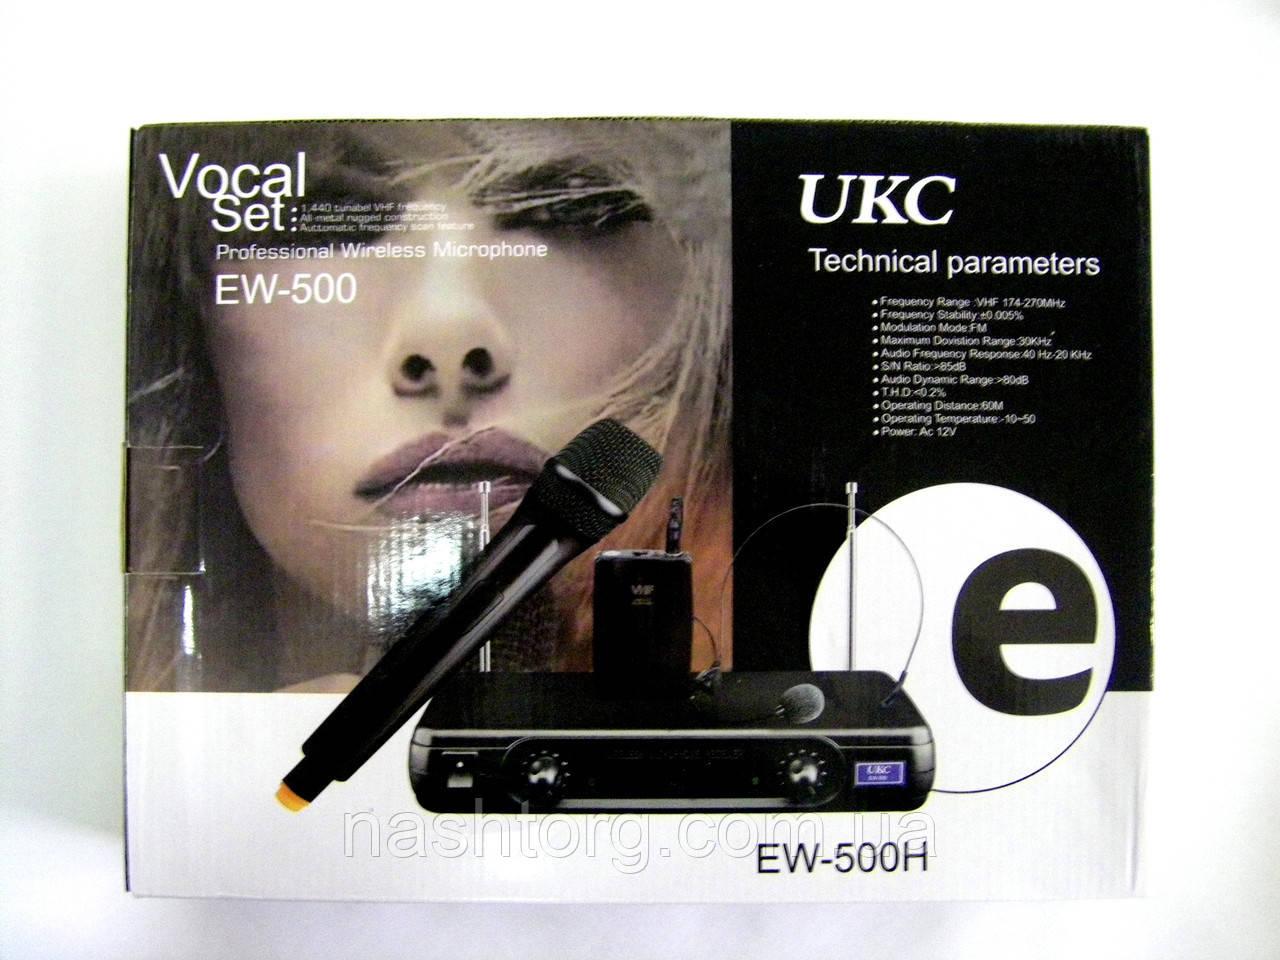 """ВАШ ВЫБОР! Вокальная радиосистема UKC EW 500 с микрофоном, 1001061, Вокальная радиосистема UKC EW 500, радиосистема с вокальным микрофоном - Інтернет-маркет """"НашТорг"""" в Львове"""